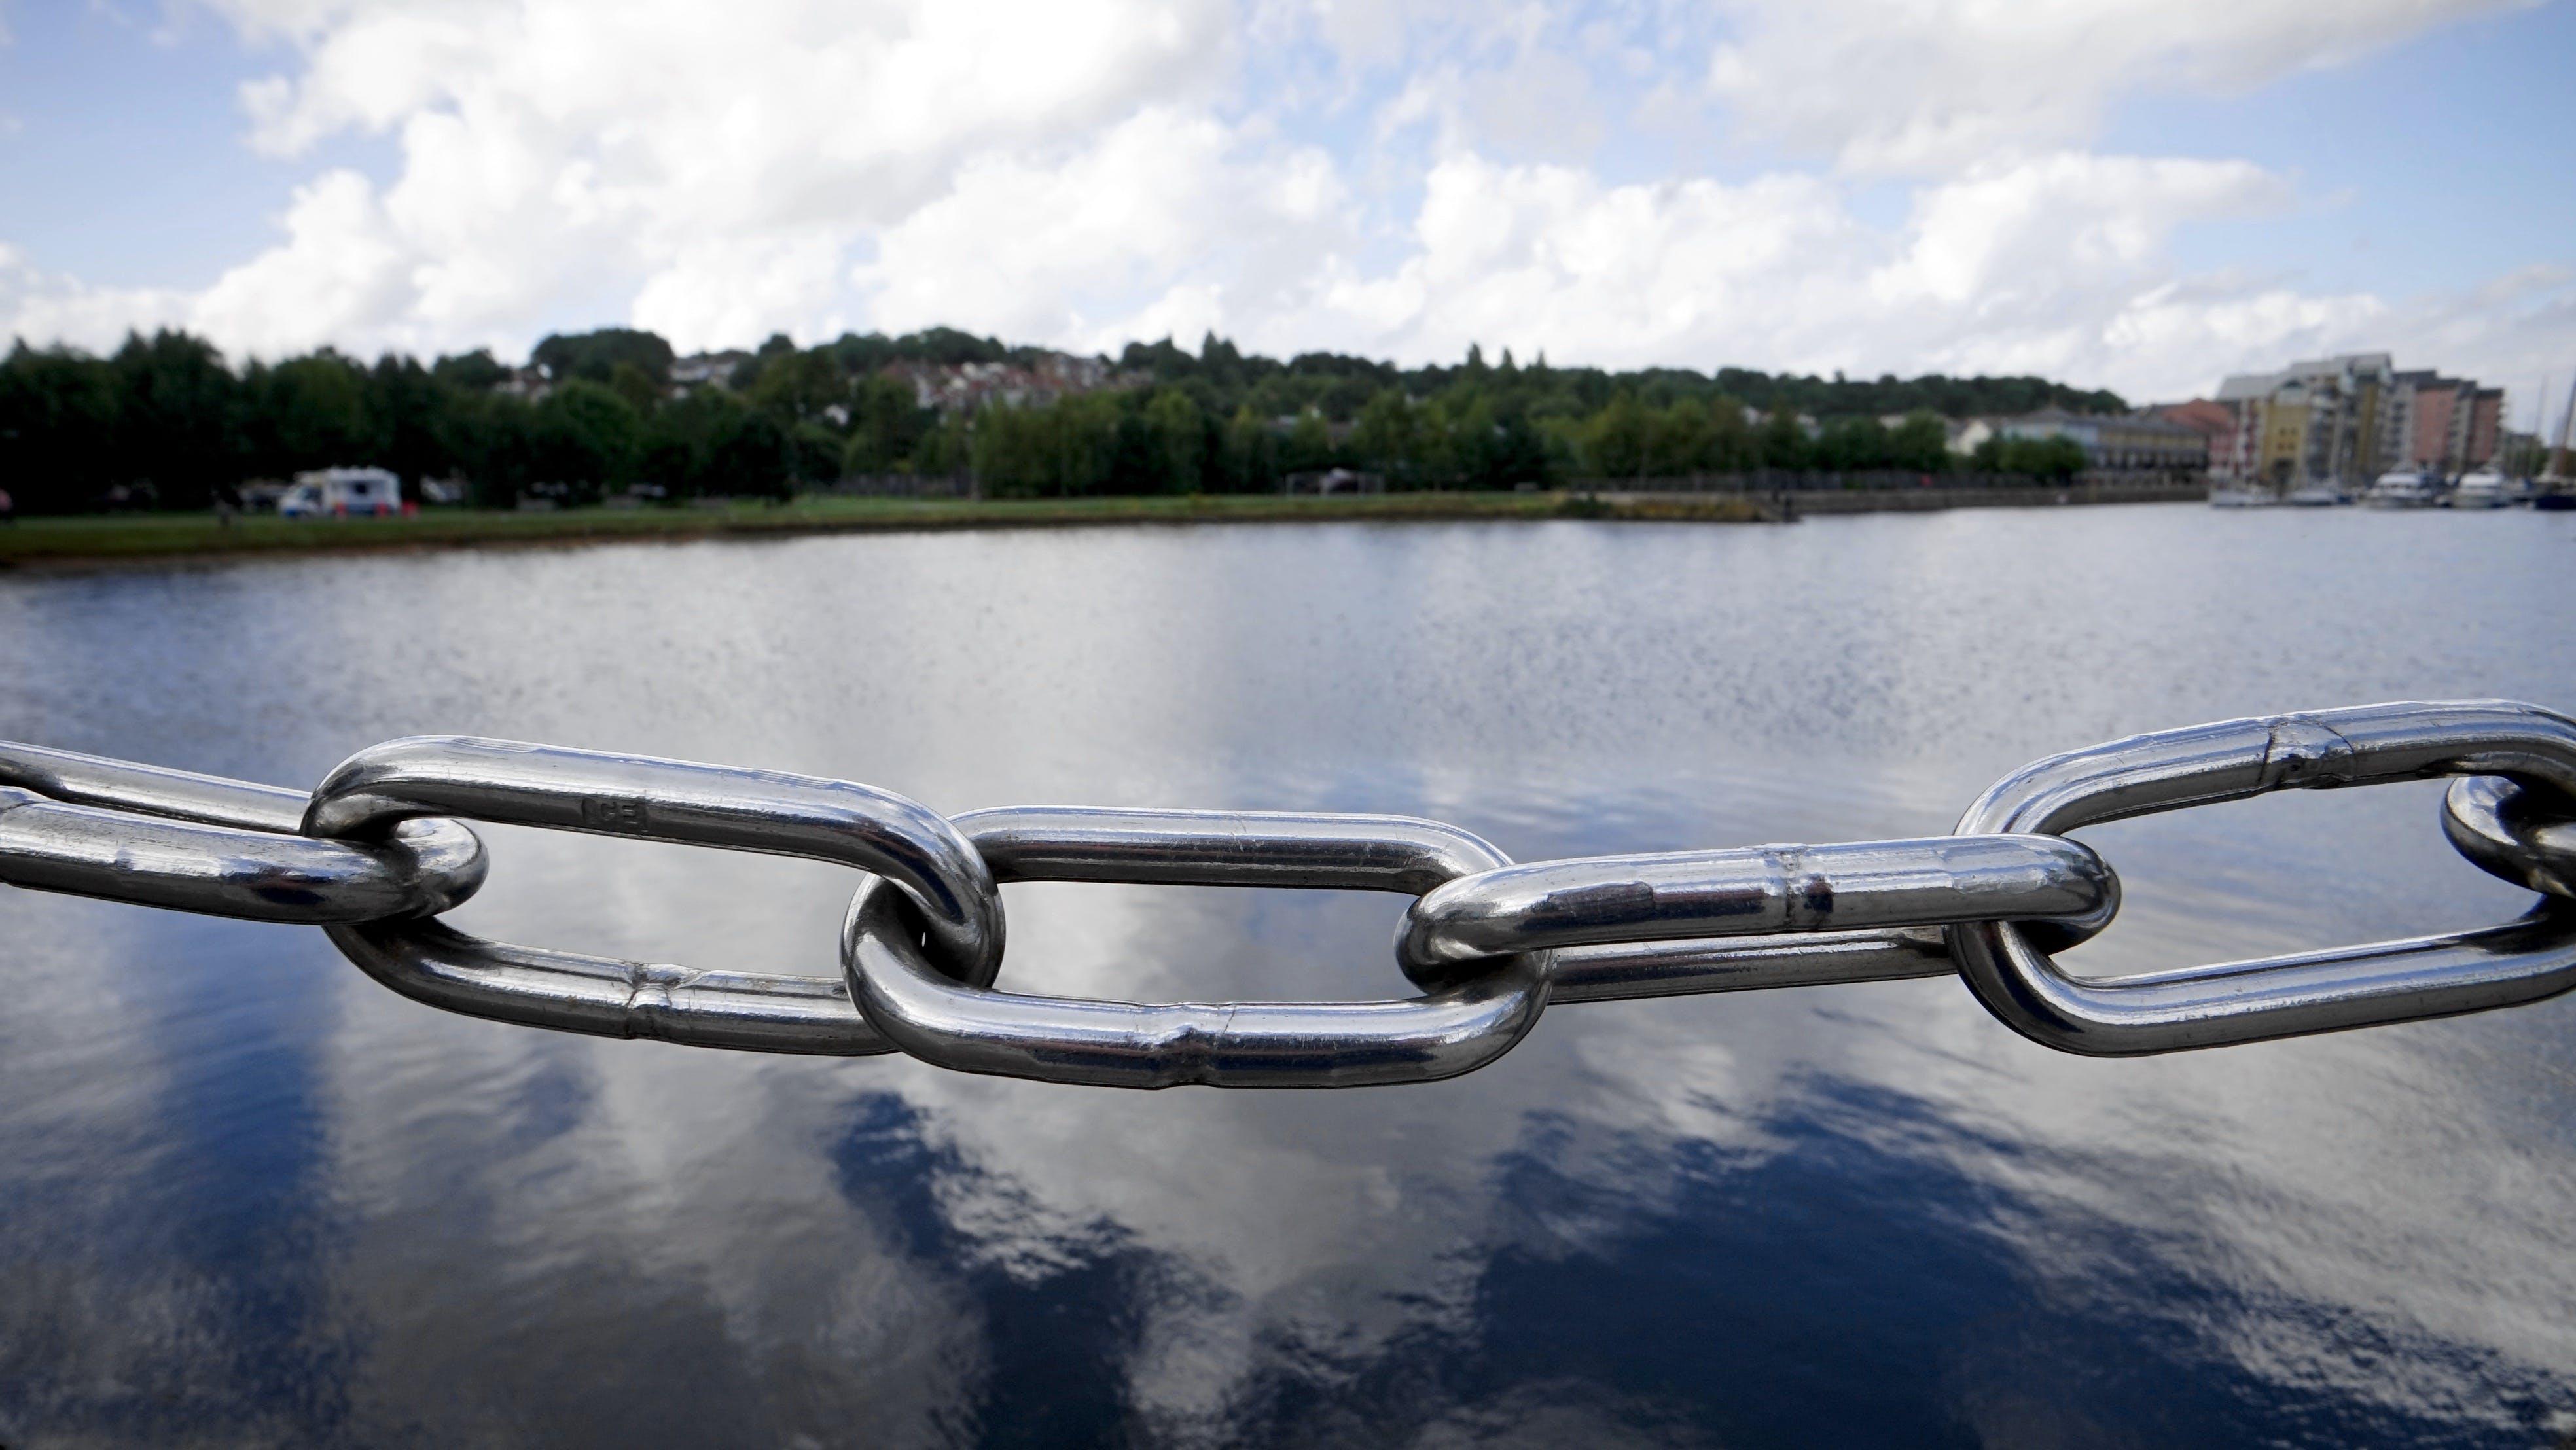 Gratis lagerfoto af anløbsbro, frihed, jern, kæde